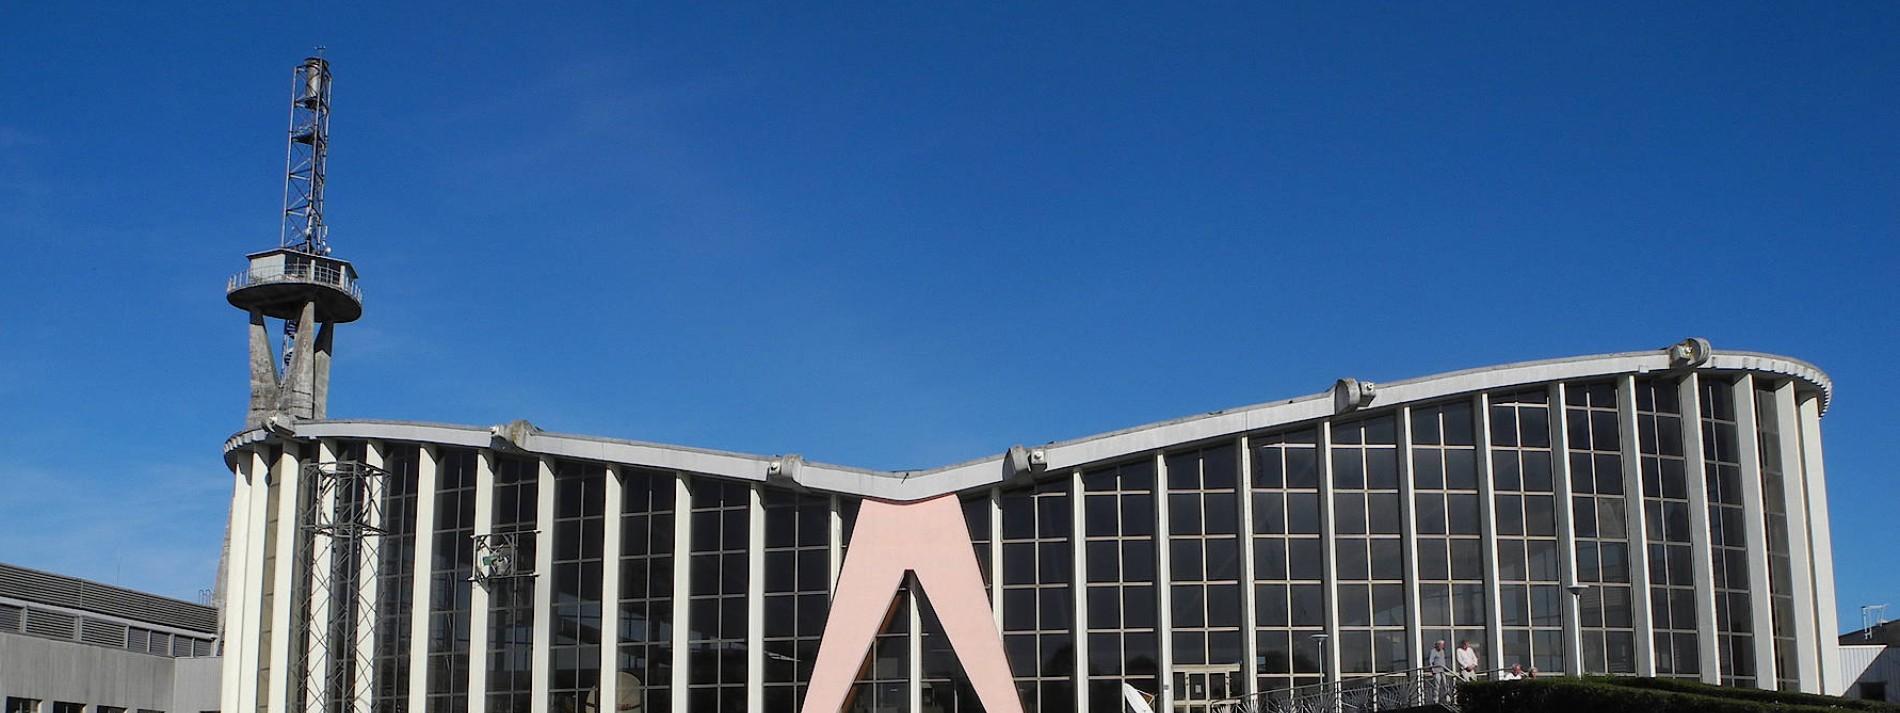 Das filigrane Dach